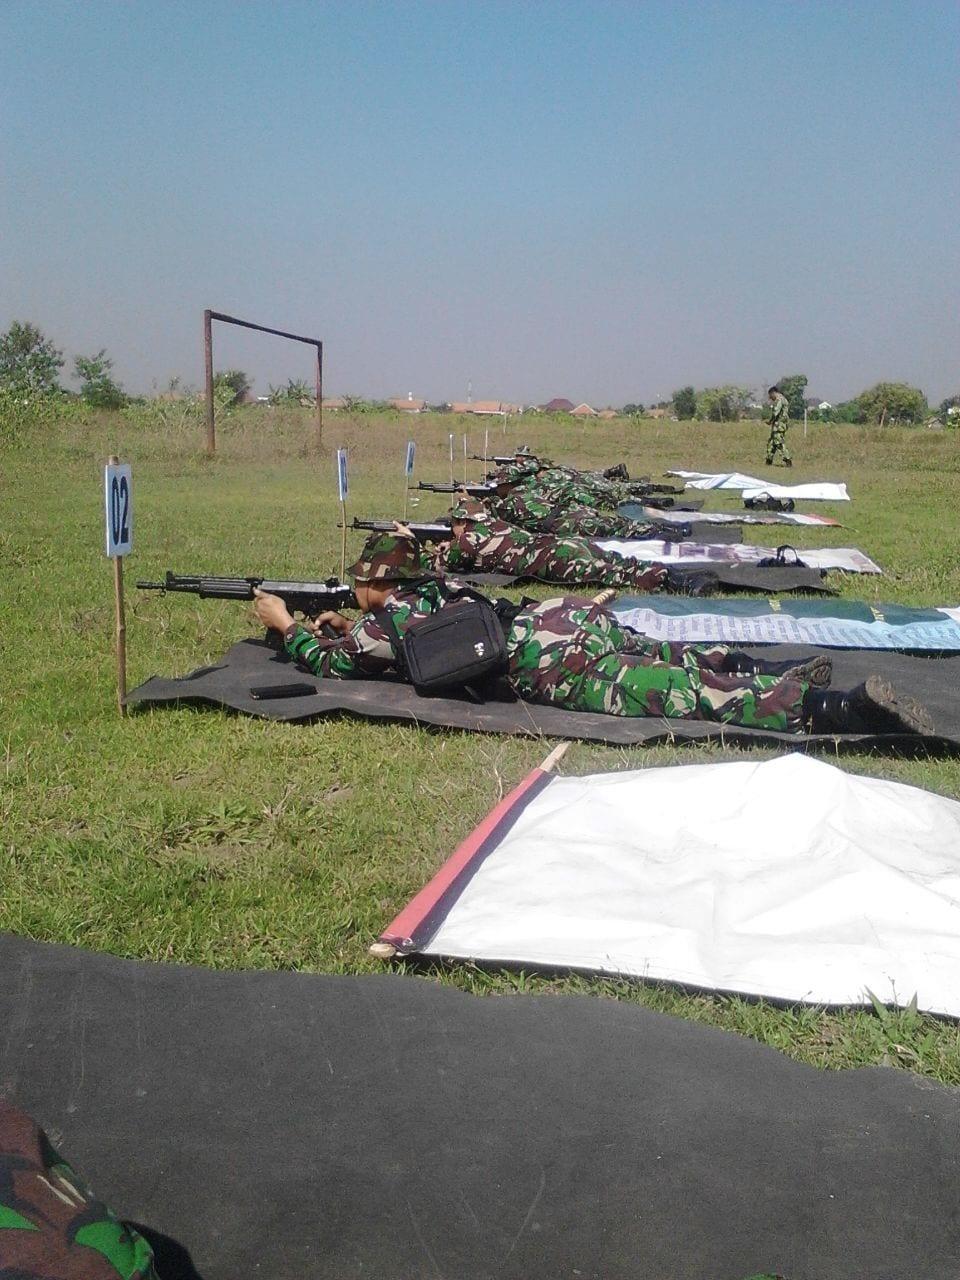 Latihan Menembak Senjata Ringan Untuk Tingkatkan Keterampilan Prajurit